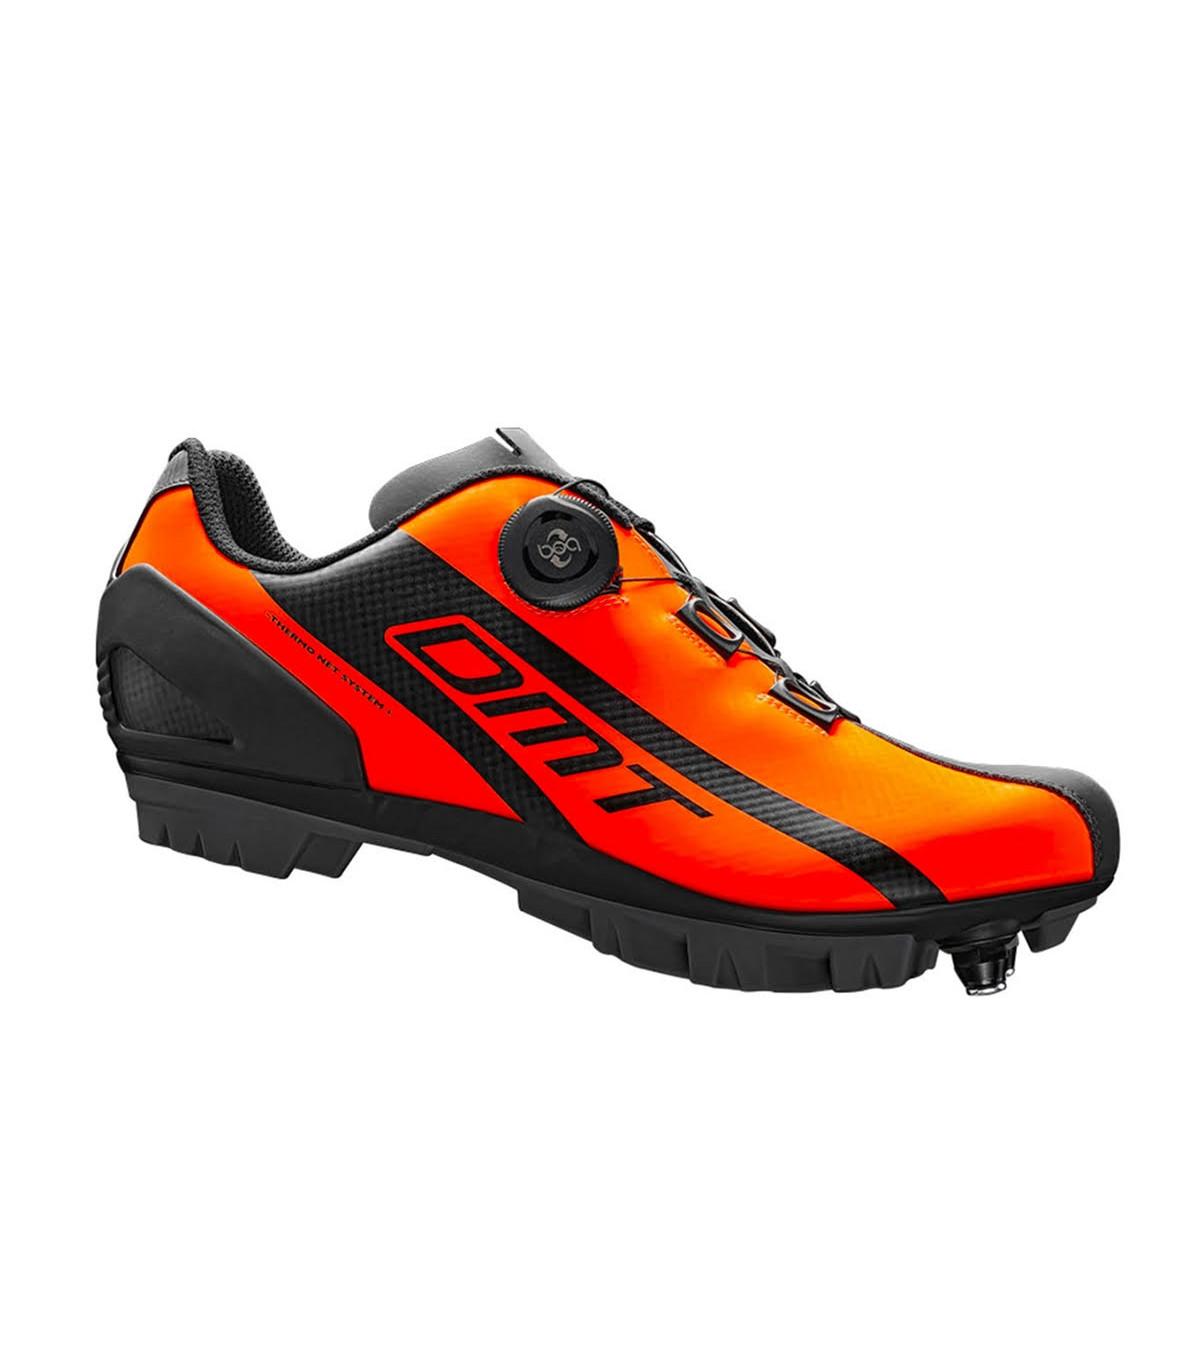 Chaussures de VTT DMT M5  Feelbikes